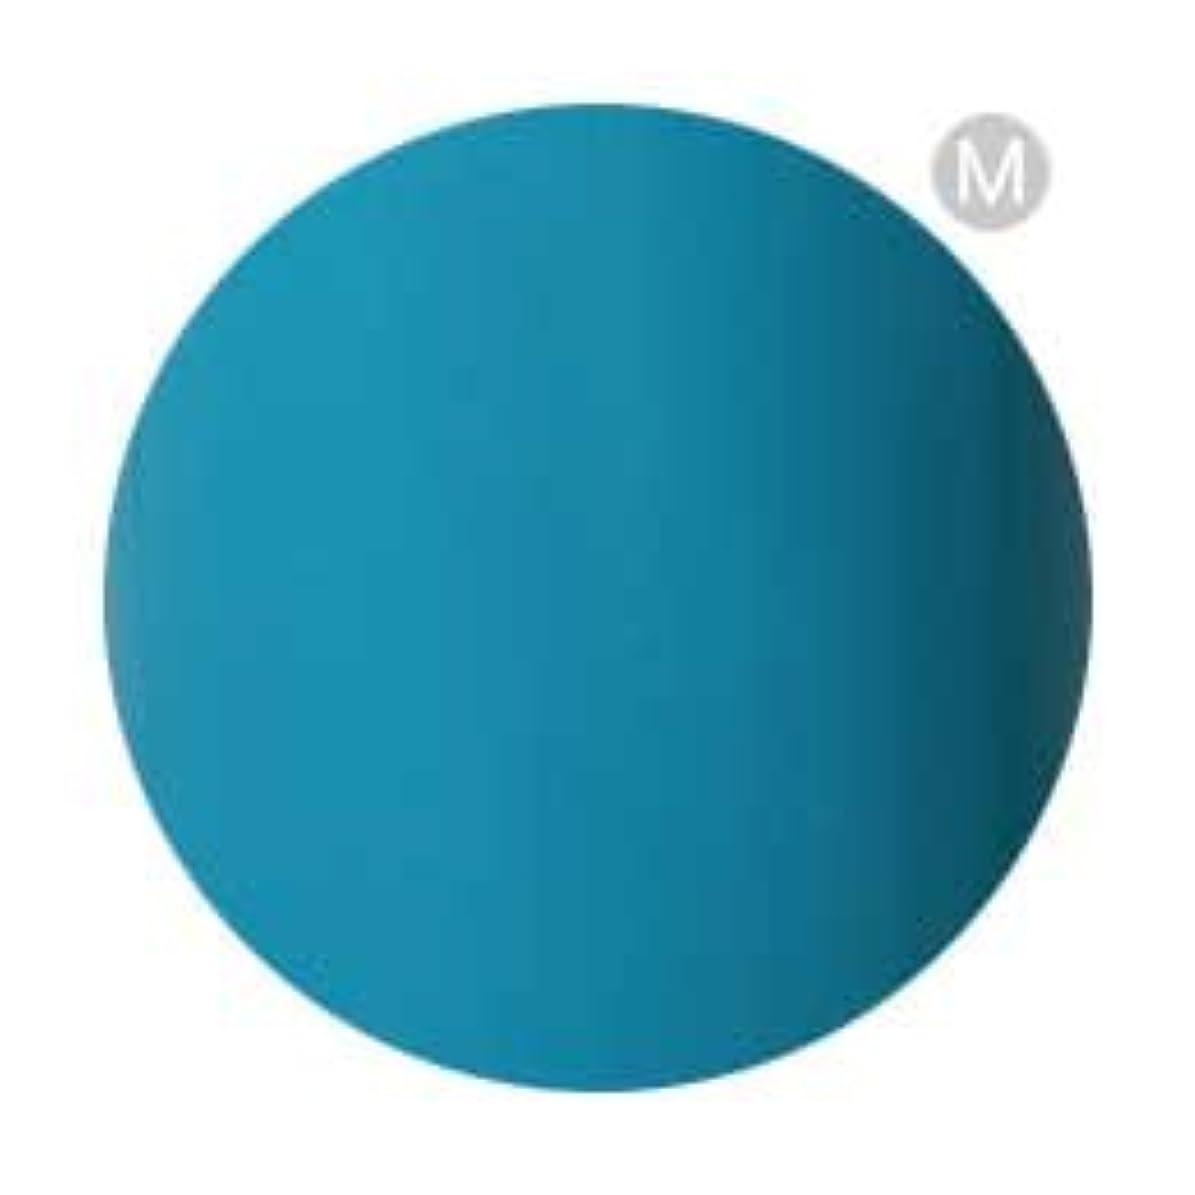 分類手集まるPalms Graceful カラージェル 3g 079 ターコイズブルー